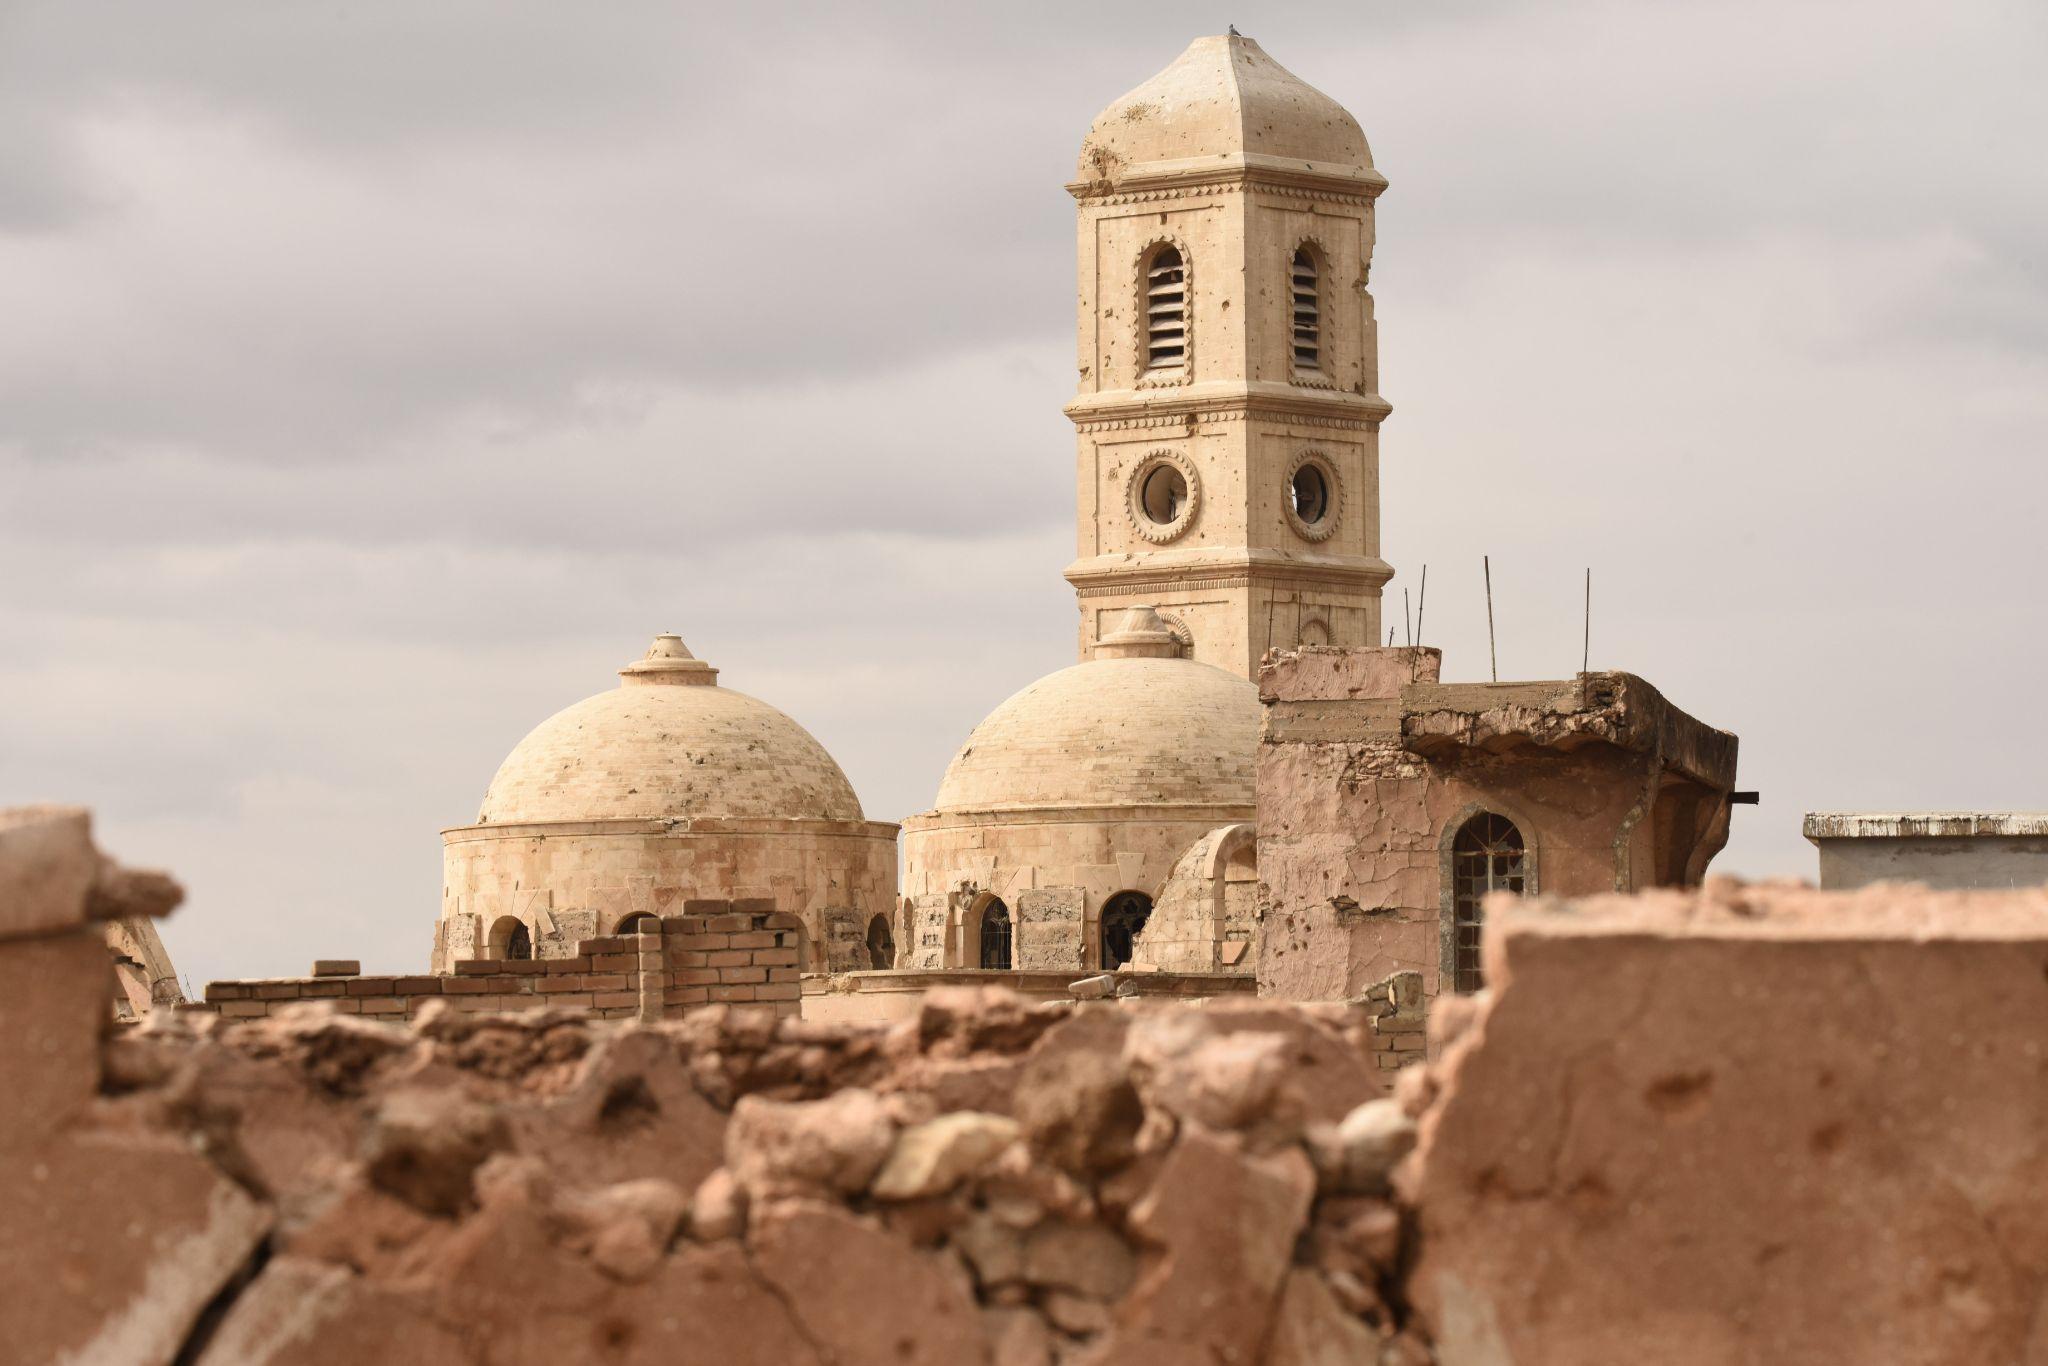 'Pure Human Genius': Devastated Ancient Sites Return to Life in Vr Exhibit